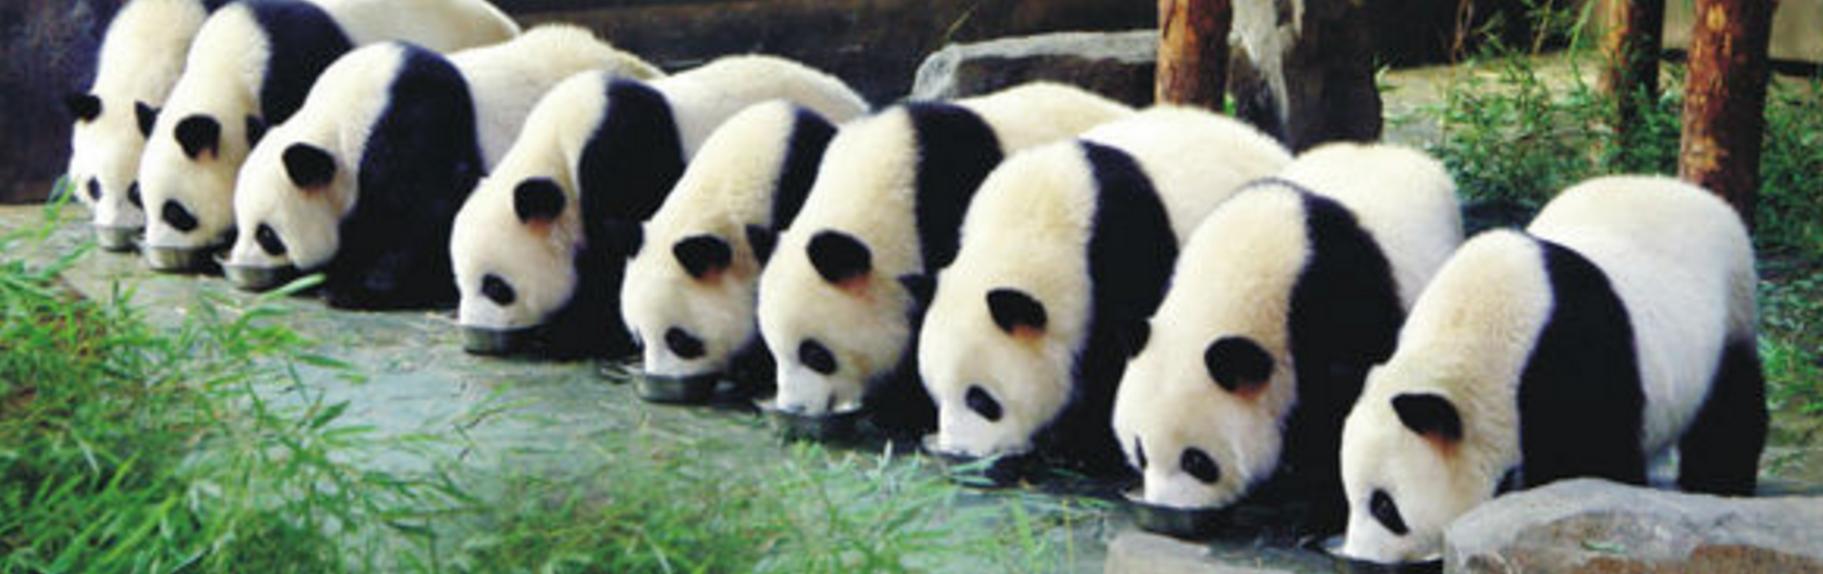 记者在上海野生动物园熊猫馆内